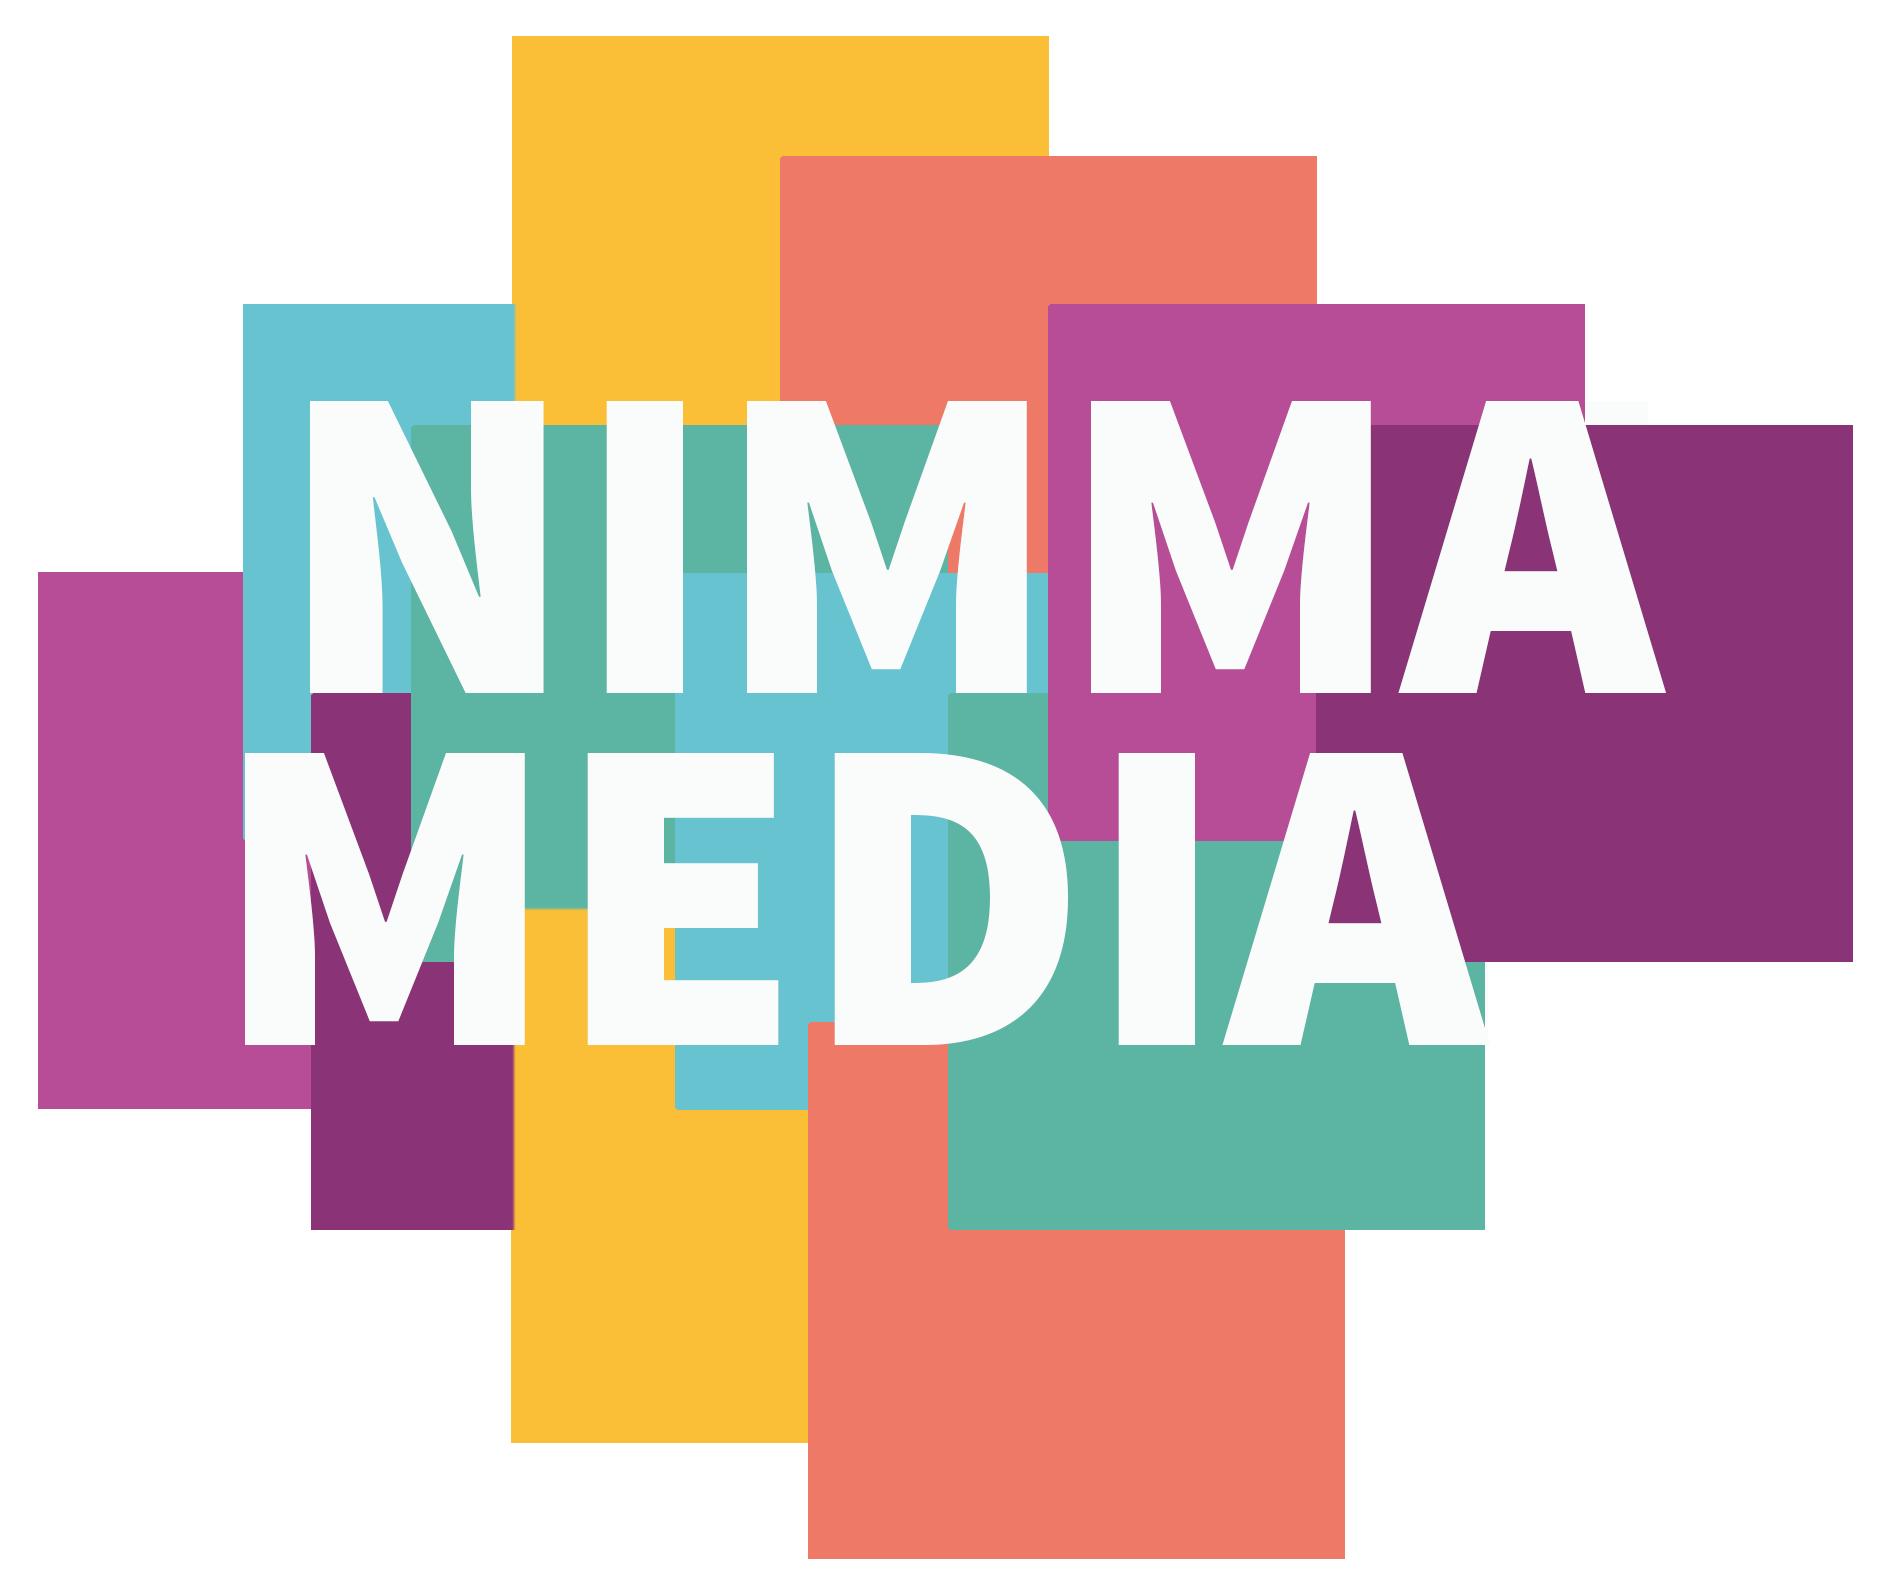 Nimma Media